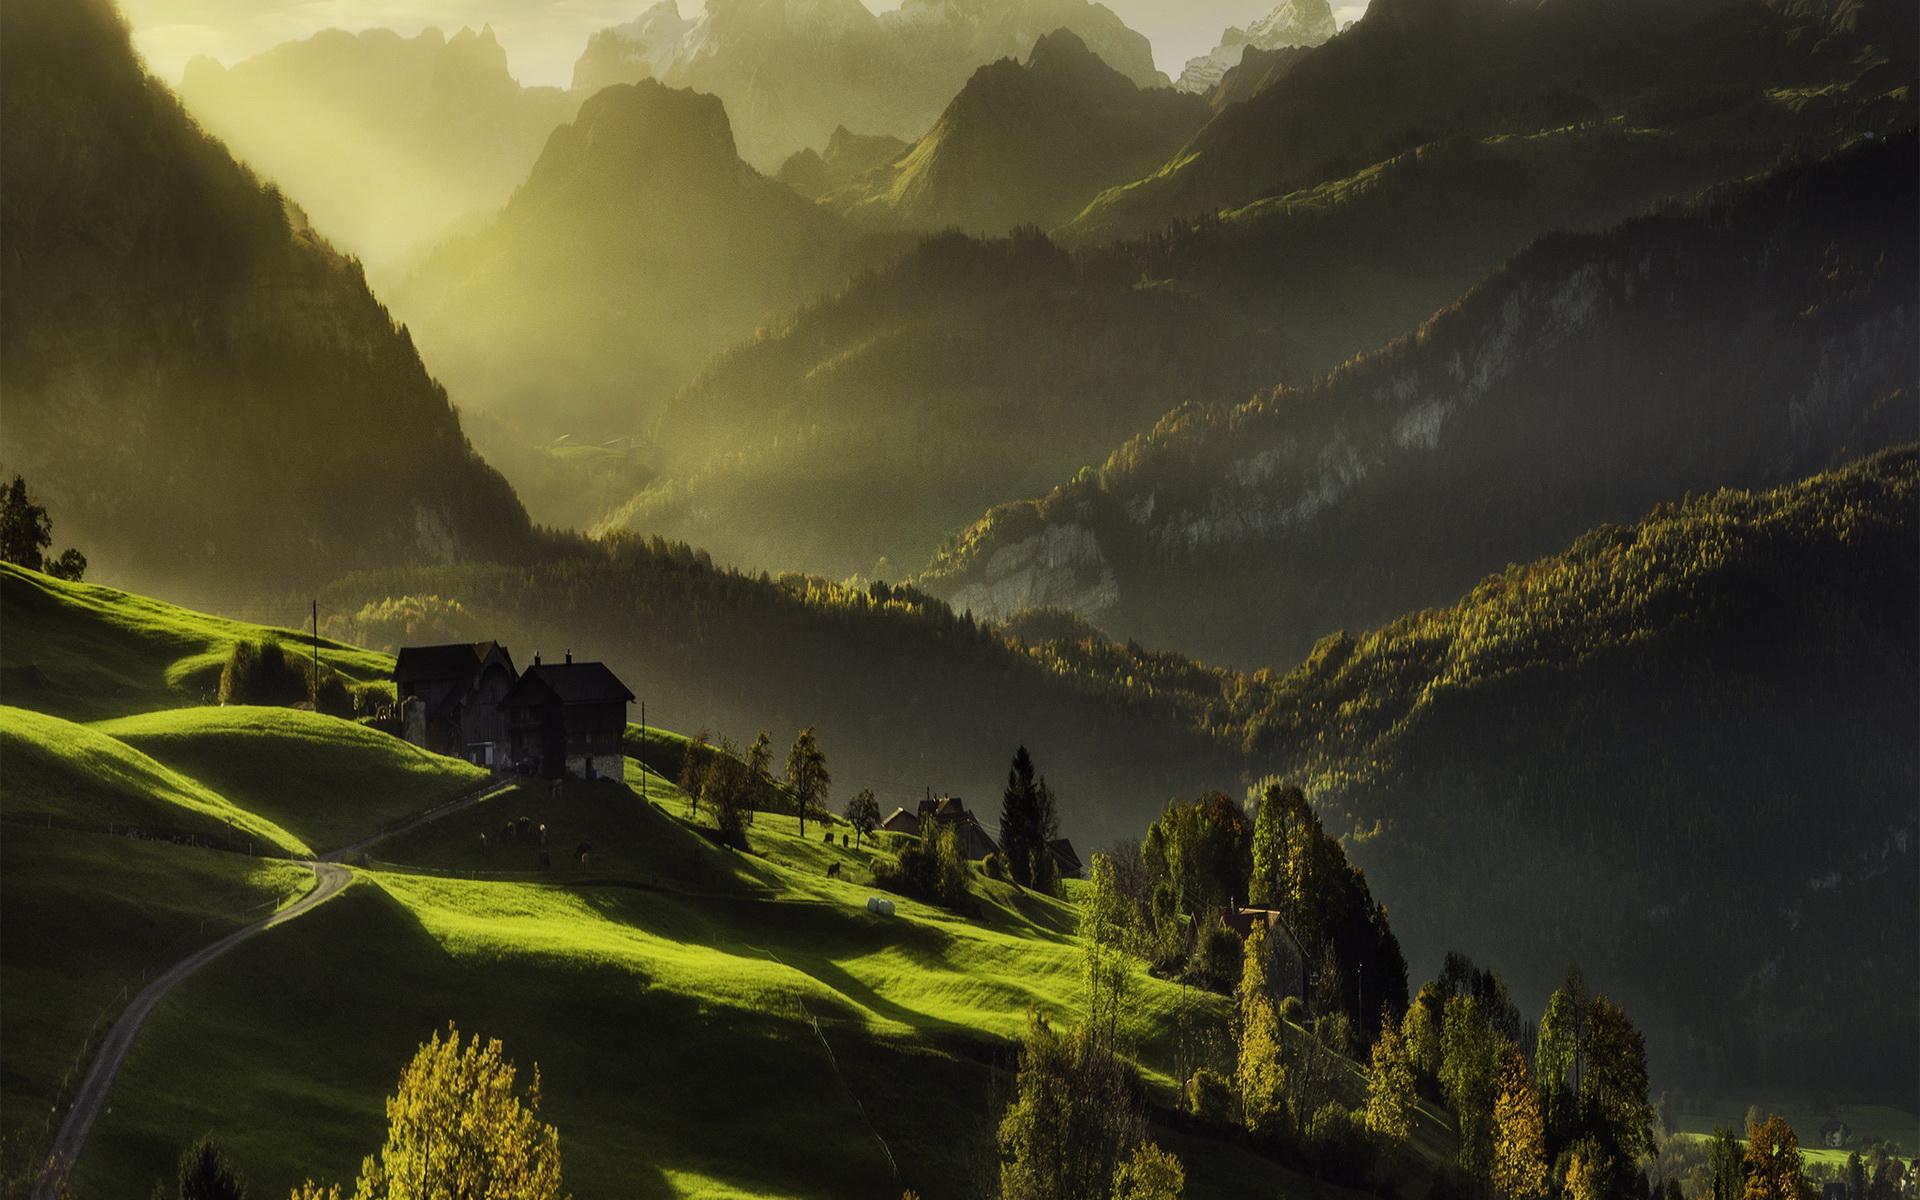 宽屏风景-绿色环保04(1920x1200)壁纸